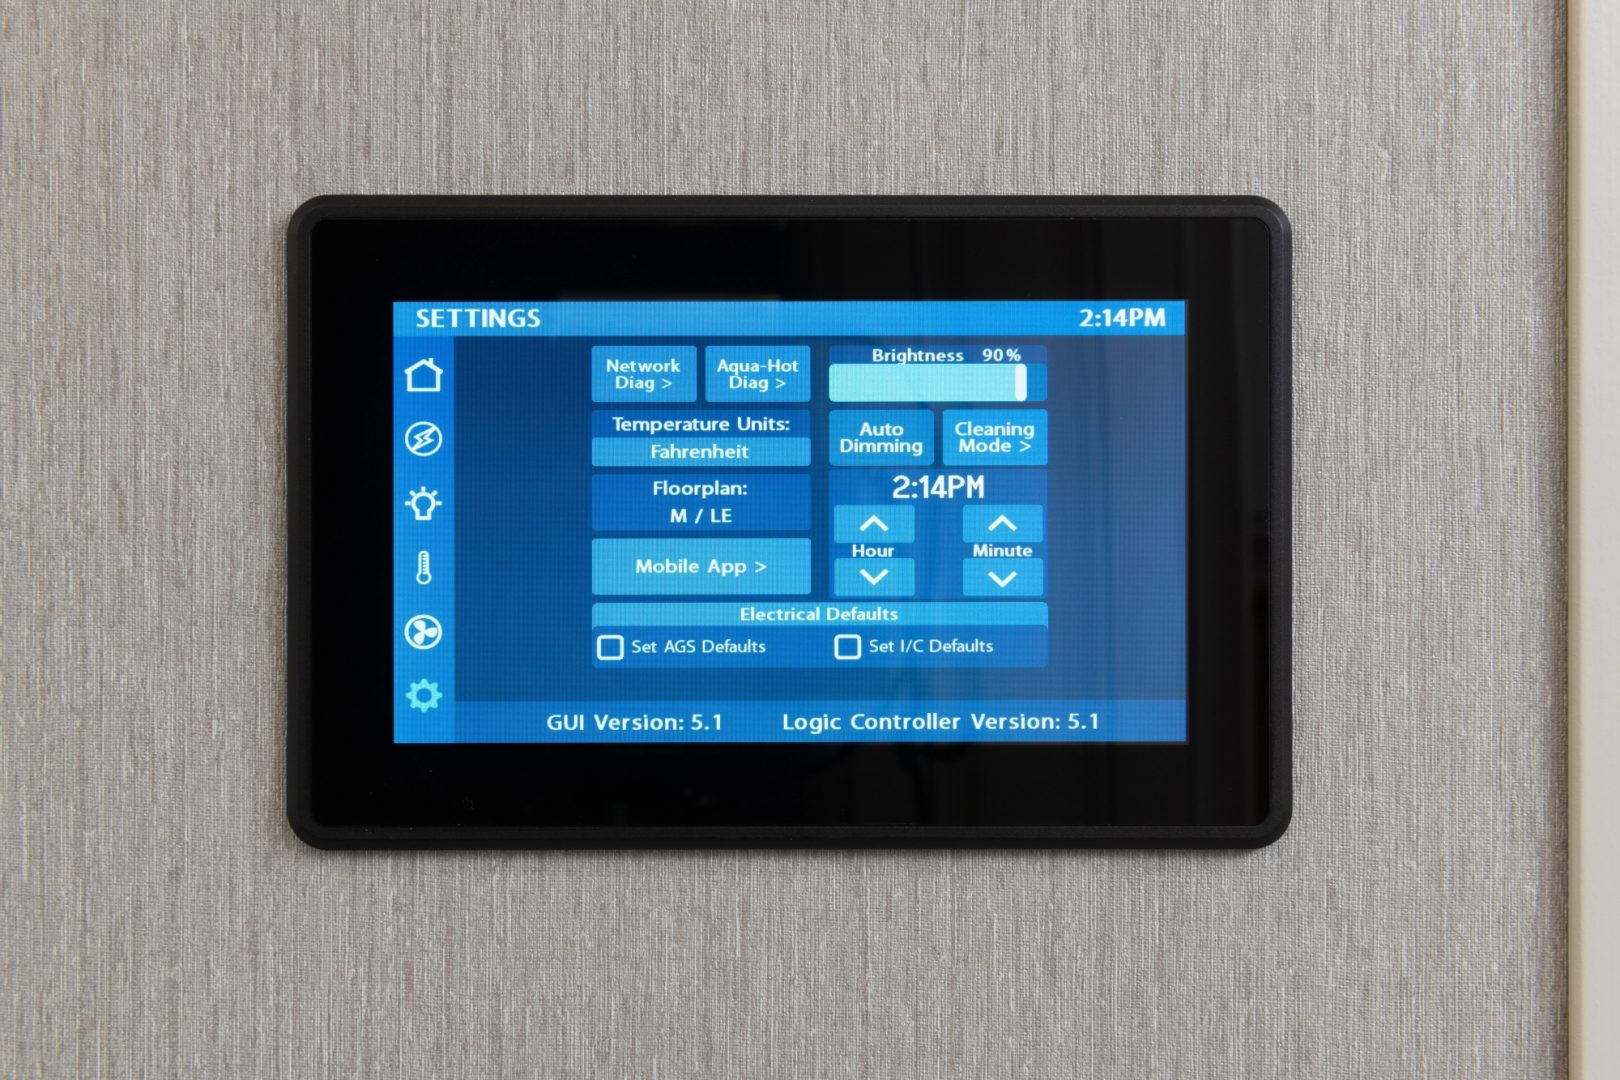 Fire Fly2934 settings